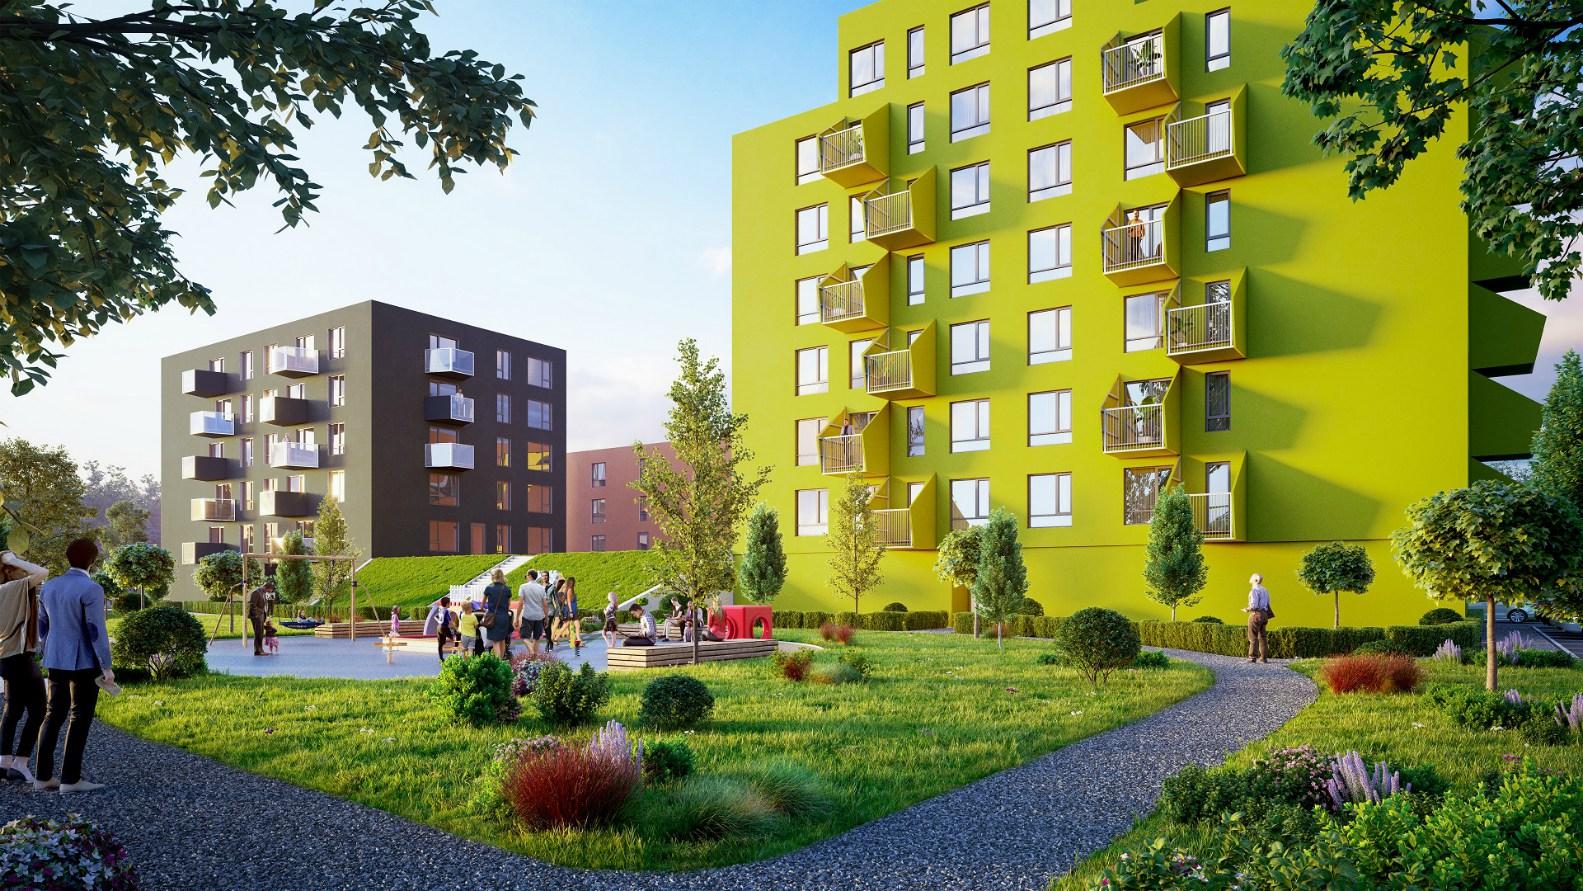 Bonava loob Mustamäe algusesse uue naabruskonna